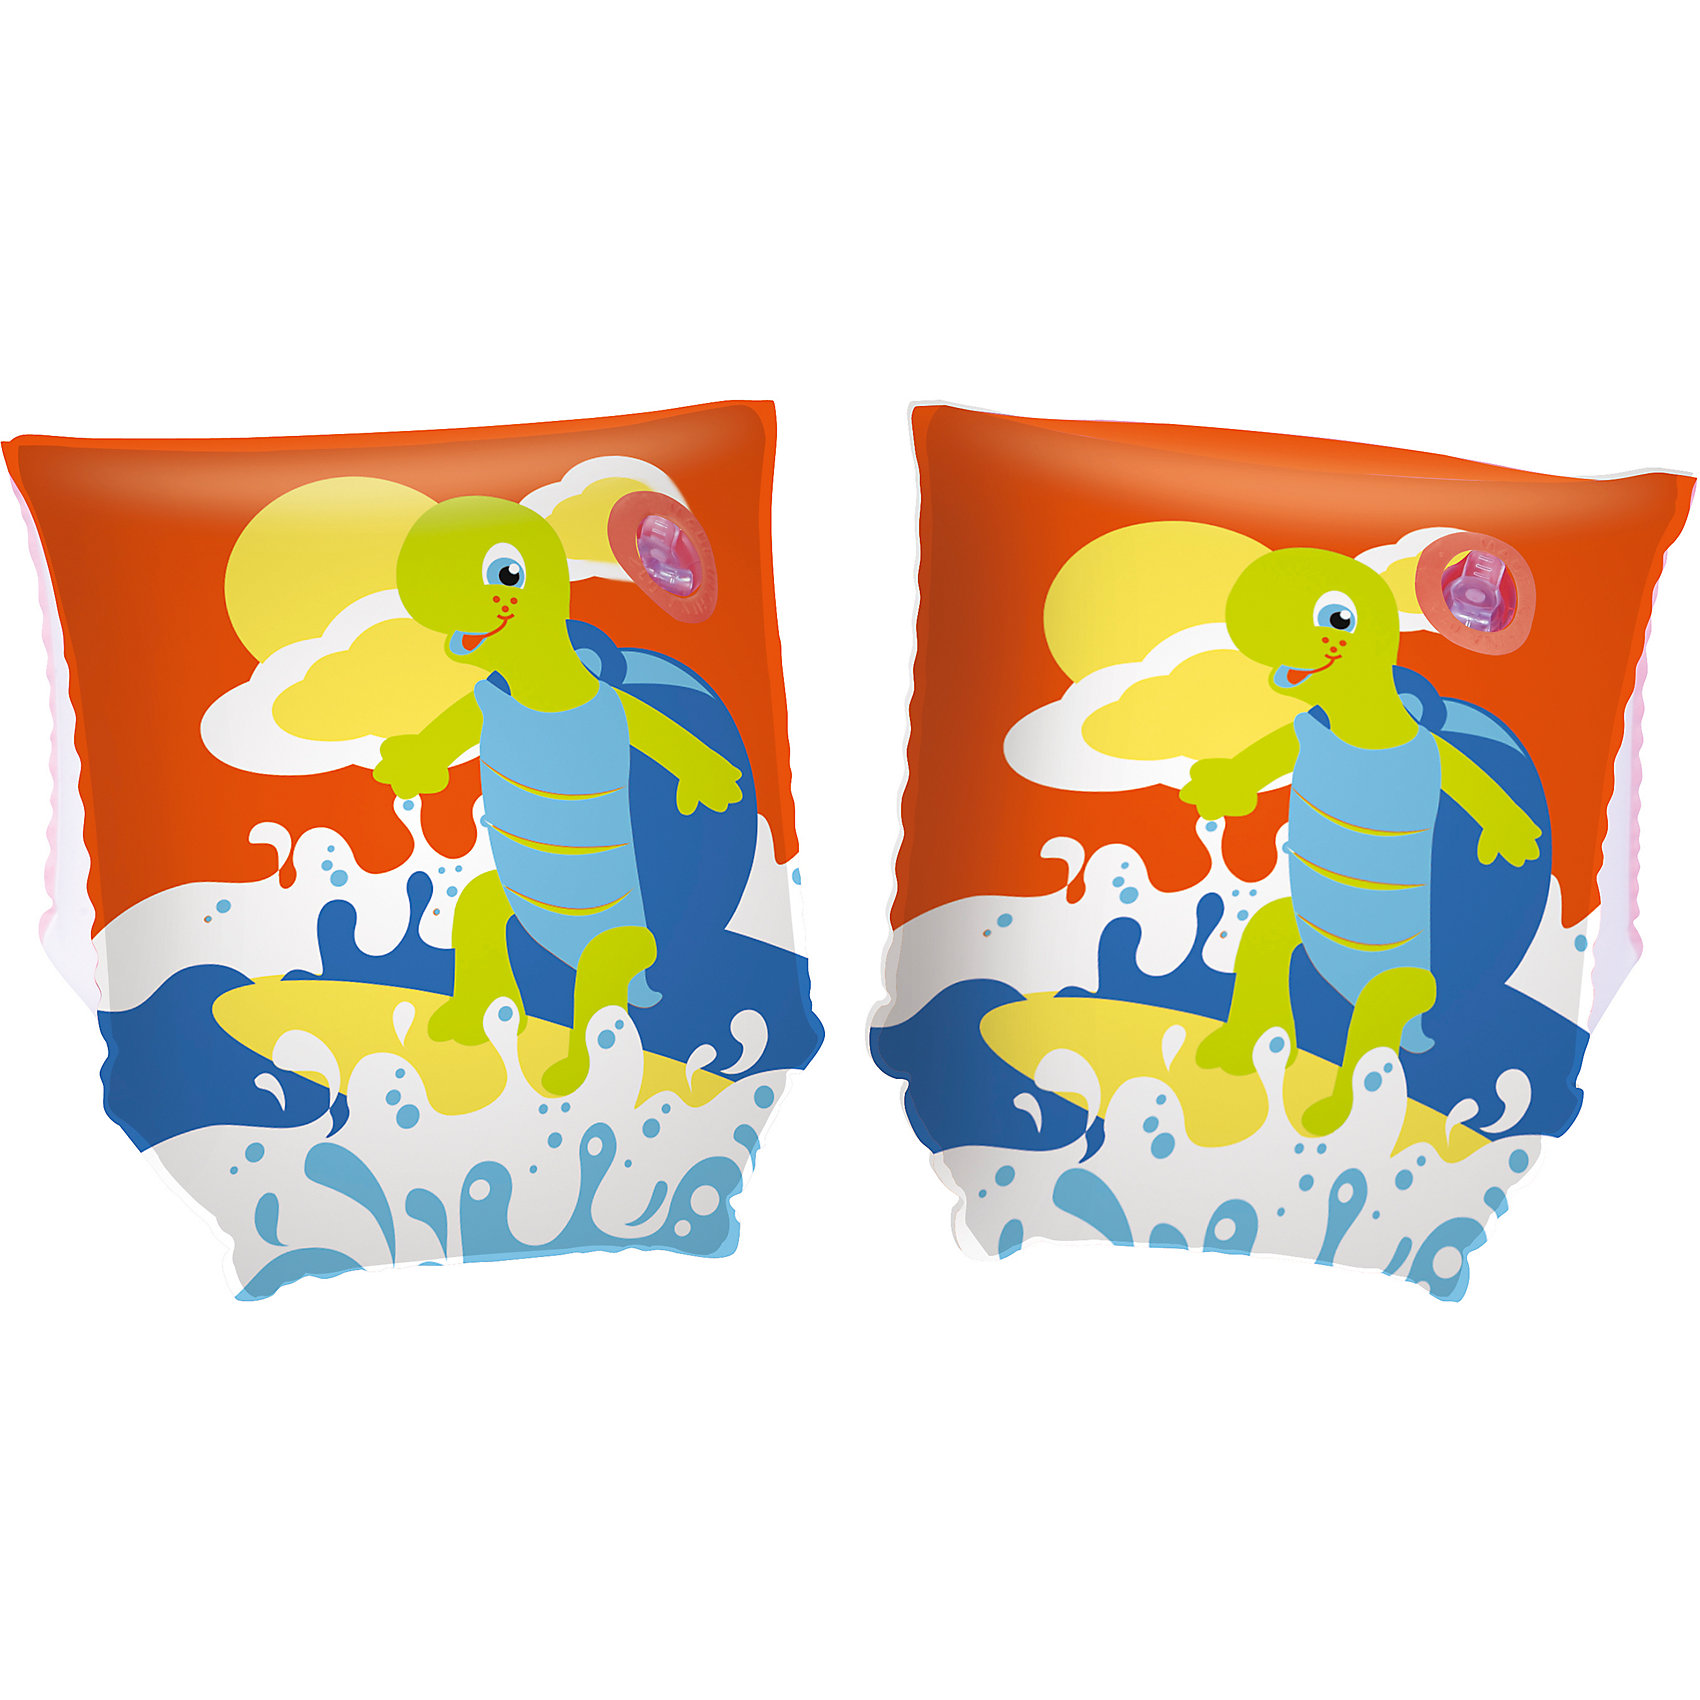 Нарукавники для плавания Черепашки, Bestway, красныеКруги и нарукавники<br>Нарукавники для плавания Черепашки, Bestway (Бествей), красные<br><br>Характеристики:<br><br>• яркий дизайн<br>• размер: 23х15<br>• материал: ПВХ<br>• вес: 86 грамм<br>• цвет: красный<br><br>Нарукавника Bestway предназначены для плавания ребенка рядом с родителями. Они обеспечат безопасность малыша во время нахождения во воде. Нарукавники выполнены из прочного ПВХ и оформлены красочным изображением веселой черепашки. Две камеры помогут вам контролировать количество воздуха. Размер нарукавников - 23х15 сантиметров.<br><br>Нарукавники для плавания Черепашки, Bestway (Бествей), красные вы можете купить в нашем интернет-магазине.<br><br>Ширина мм: 320<br>Глубина мм: 290<br>Высота мм: 180<br>Вес г: 86<br>Возраст от месяцев: 36<br>Возраст до месяцев: 72<br>Пол: Унисекс<br>Возраст: Детский<br>SKU: 5486996